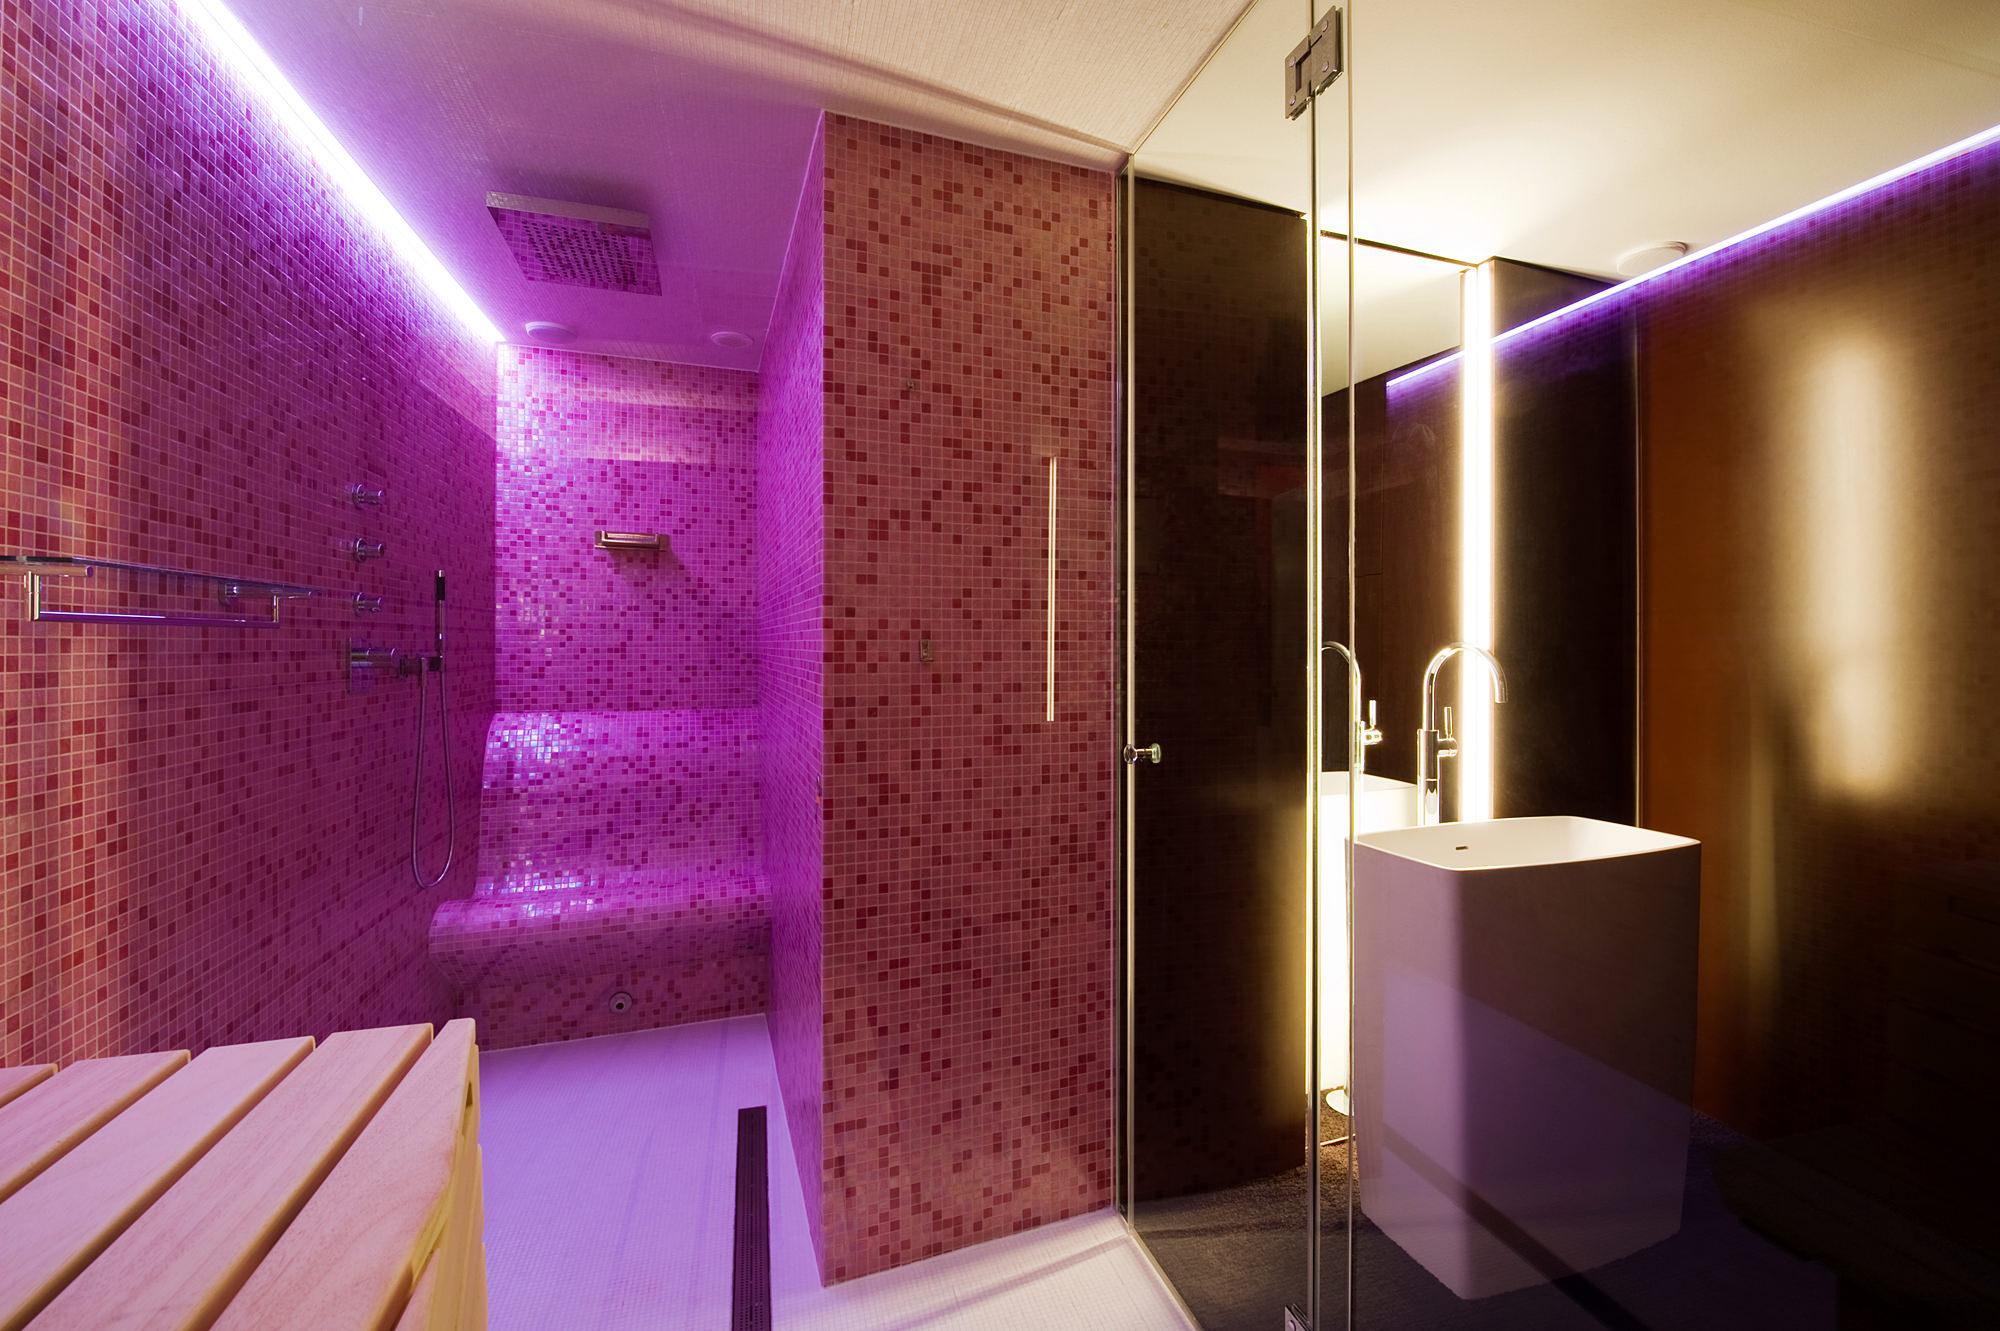 penthouse_wien_4_05_umbau_und_innenraumgestaltung_einer_dachgeschosswohnung__junger_beer_architektur